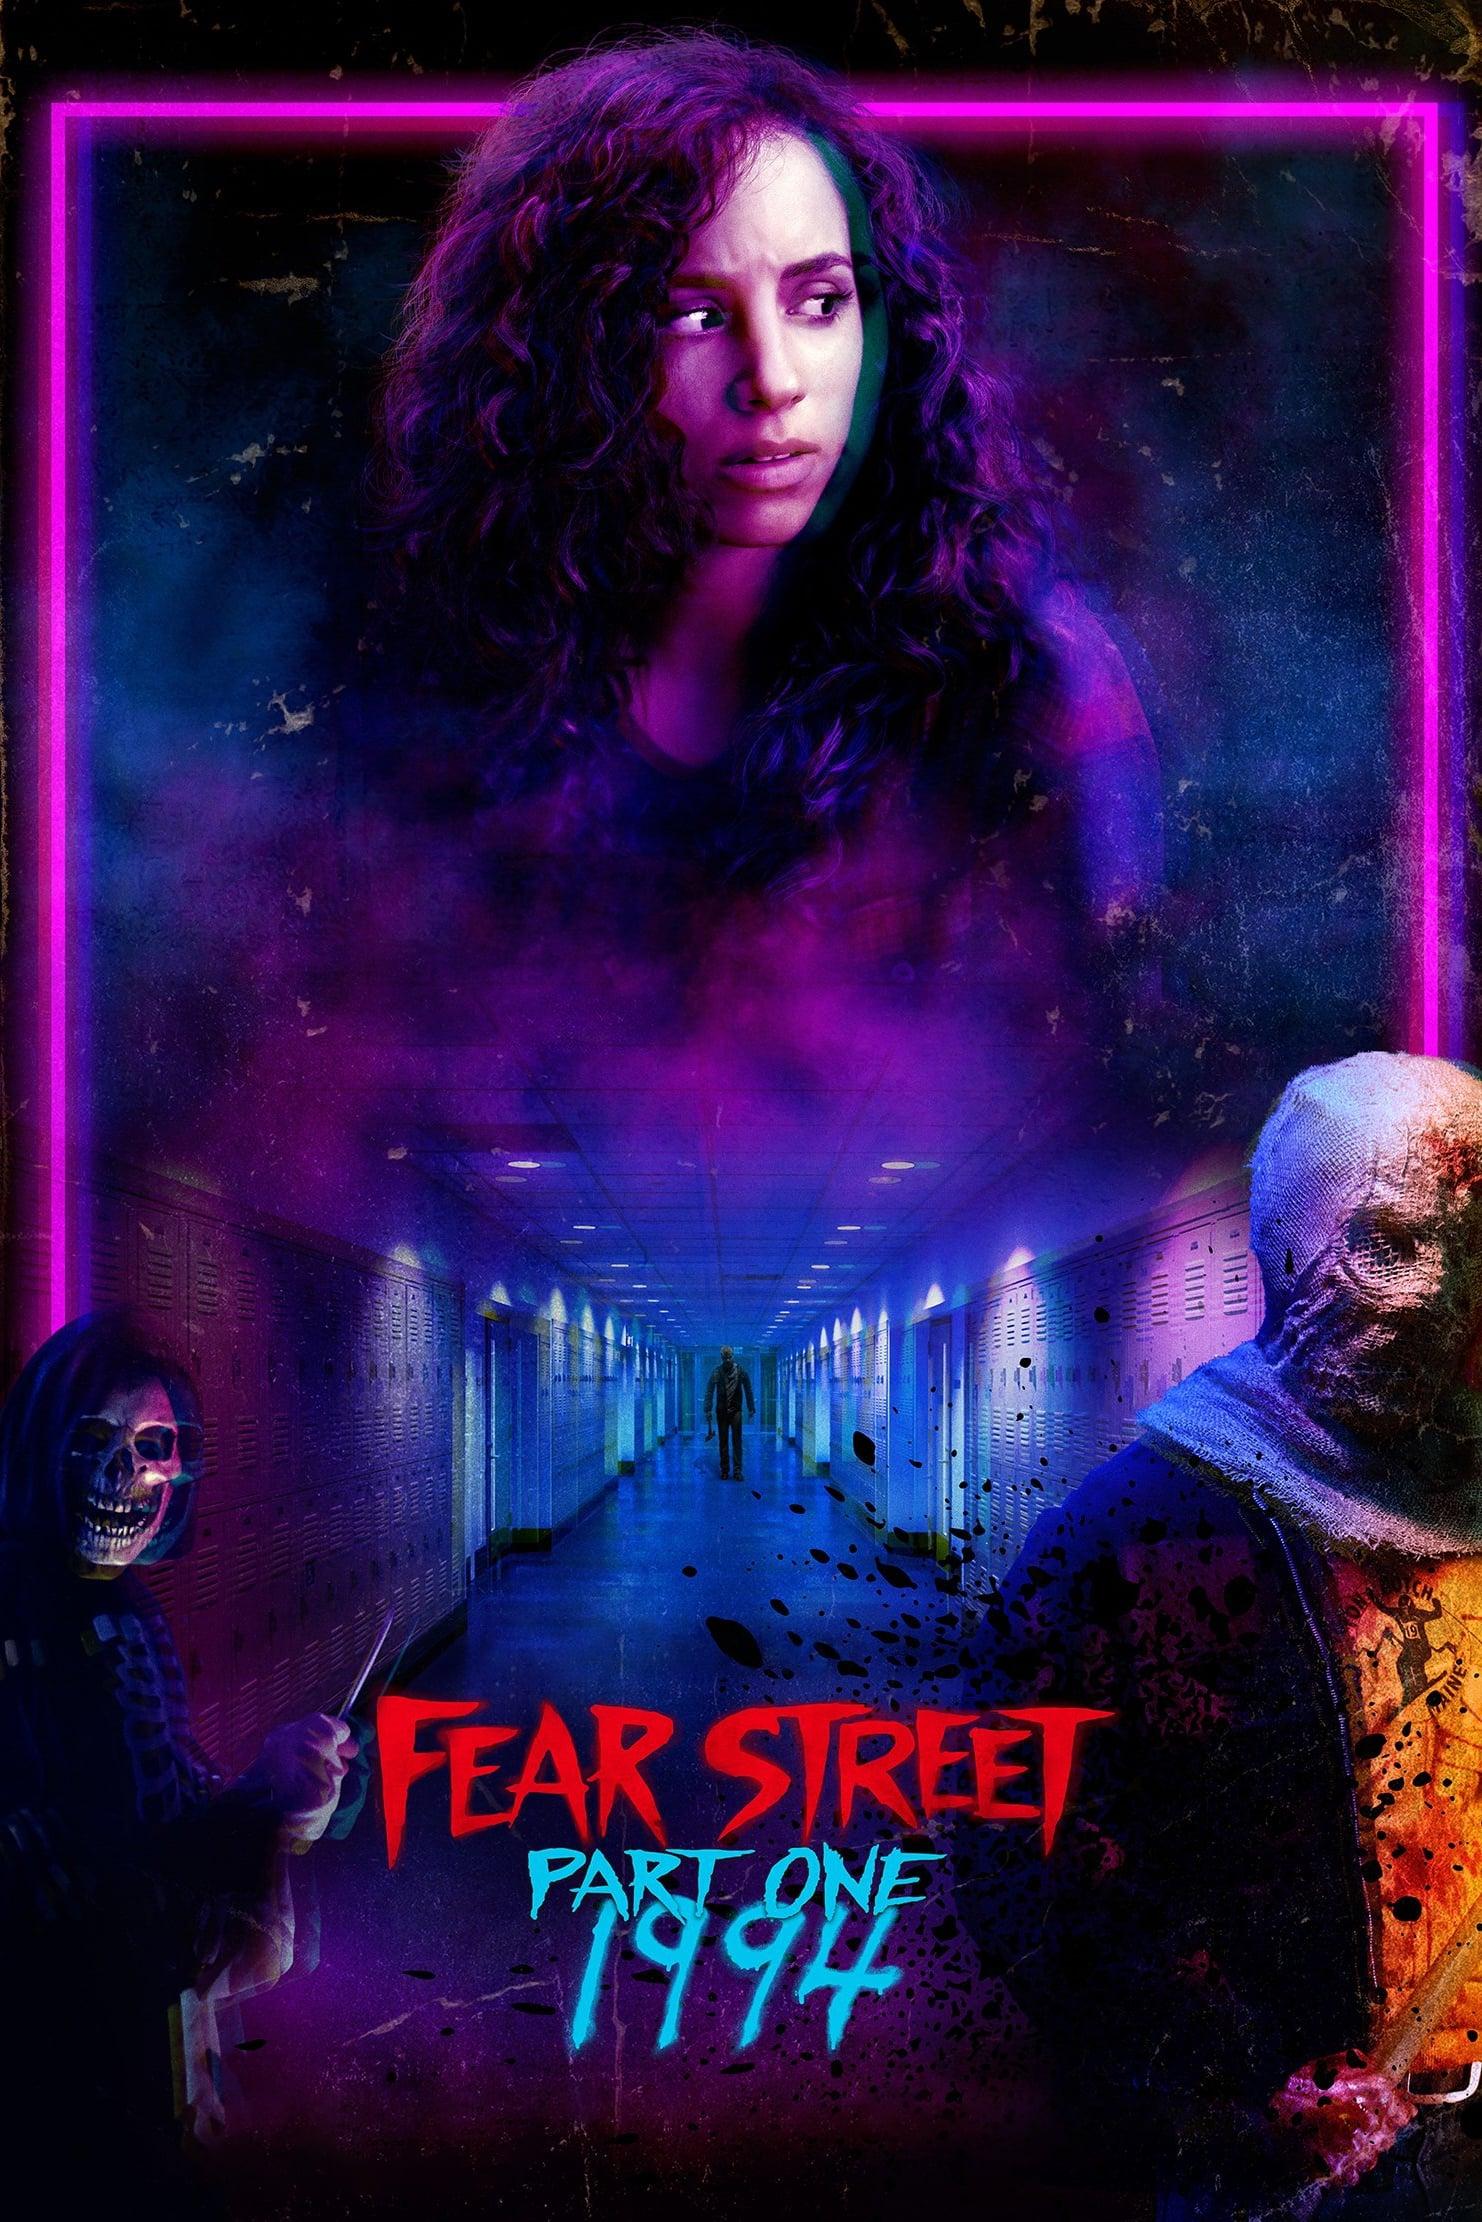 შიშის ქუჩა ნაწილი პირველი: 1994 / Fear Street Part One: 1994